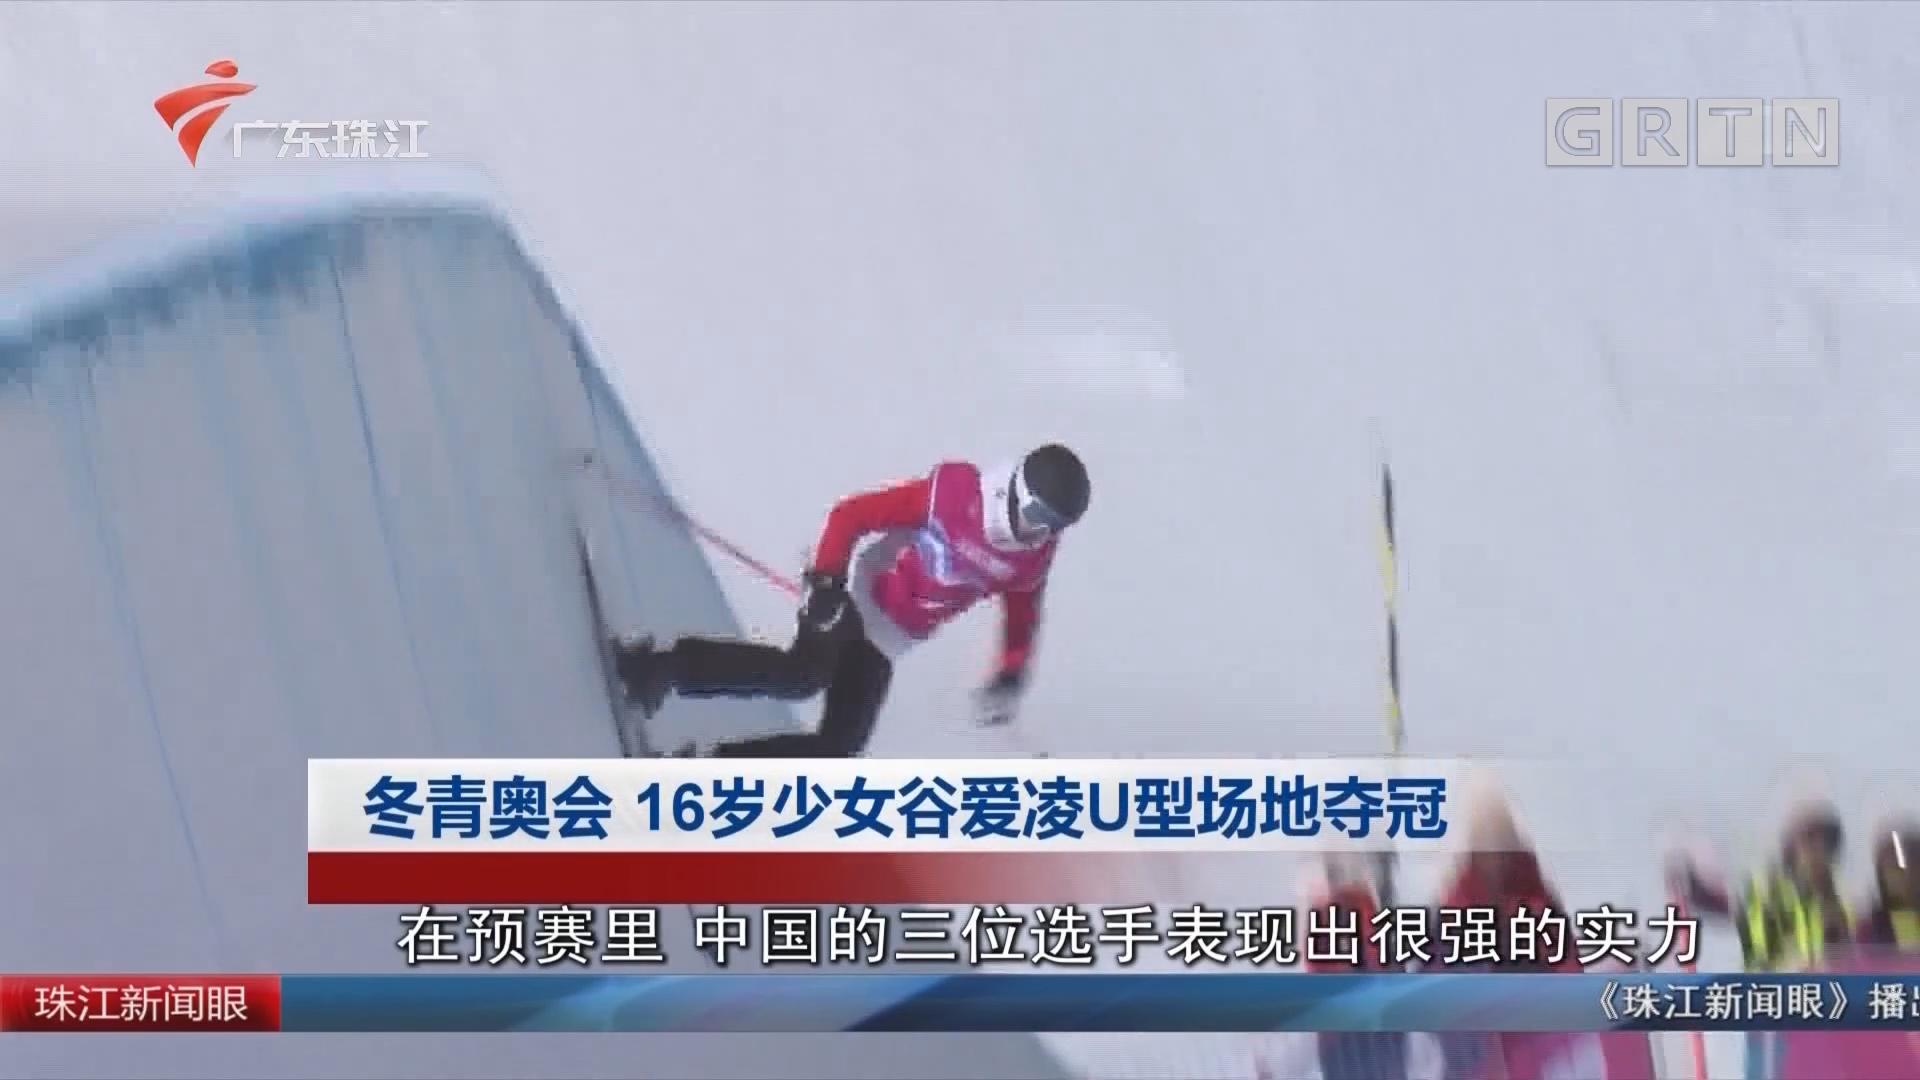 冬青奥会 16岁少女谷爱凌U型场地夺冠